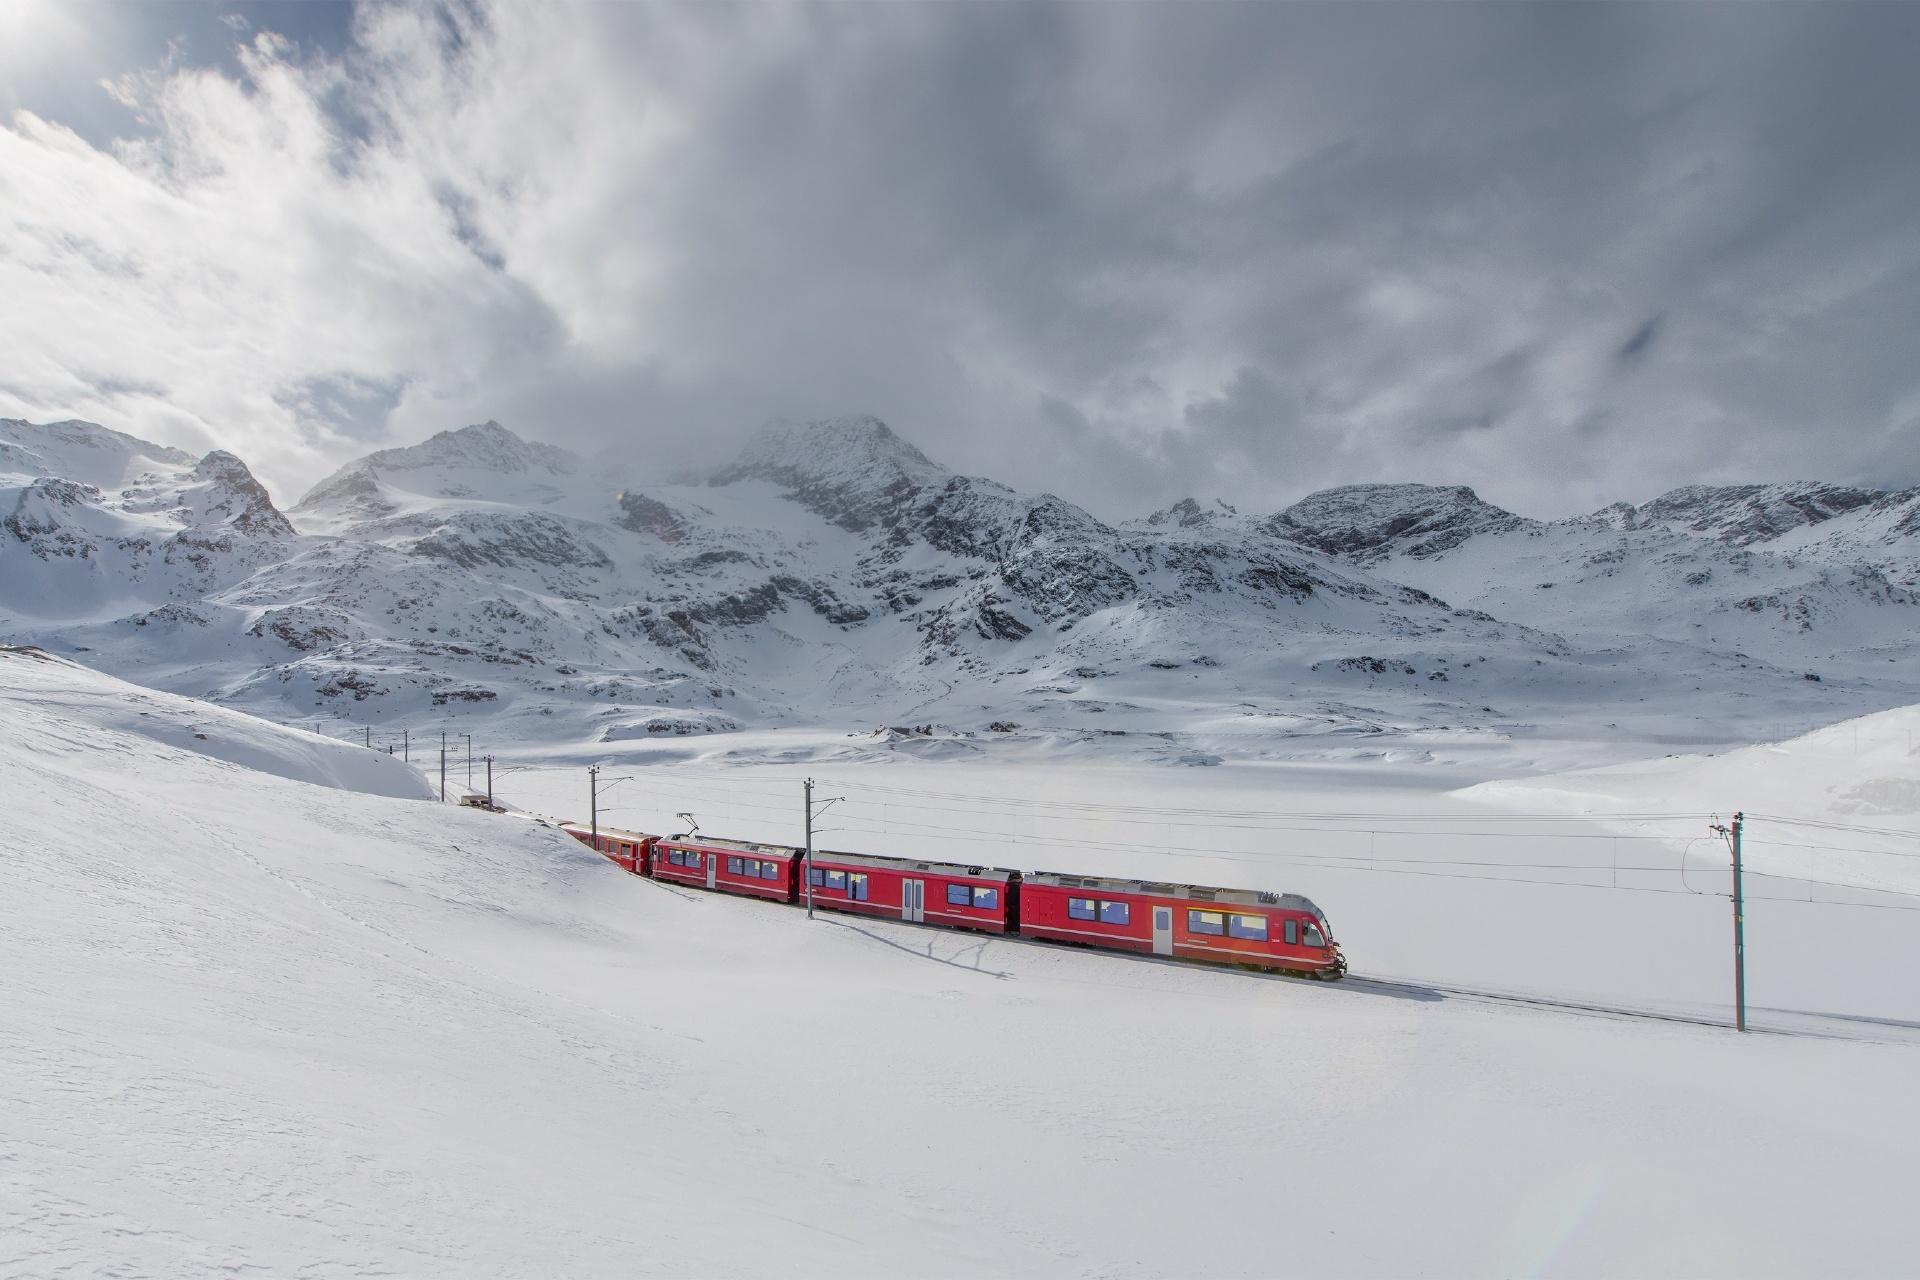 雪の中を行くベルニナ急行 スイスの風景